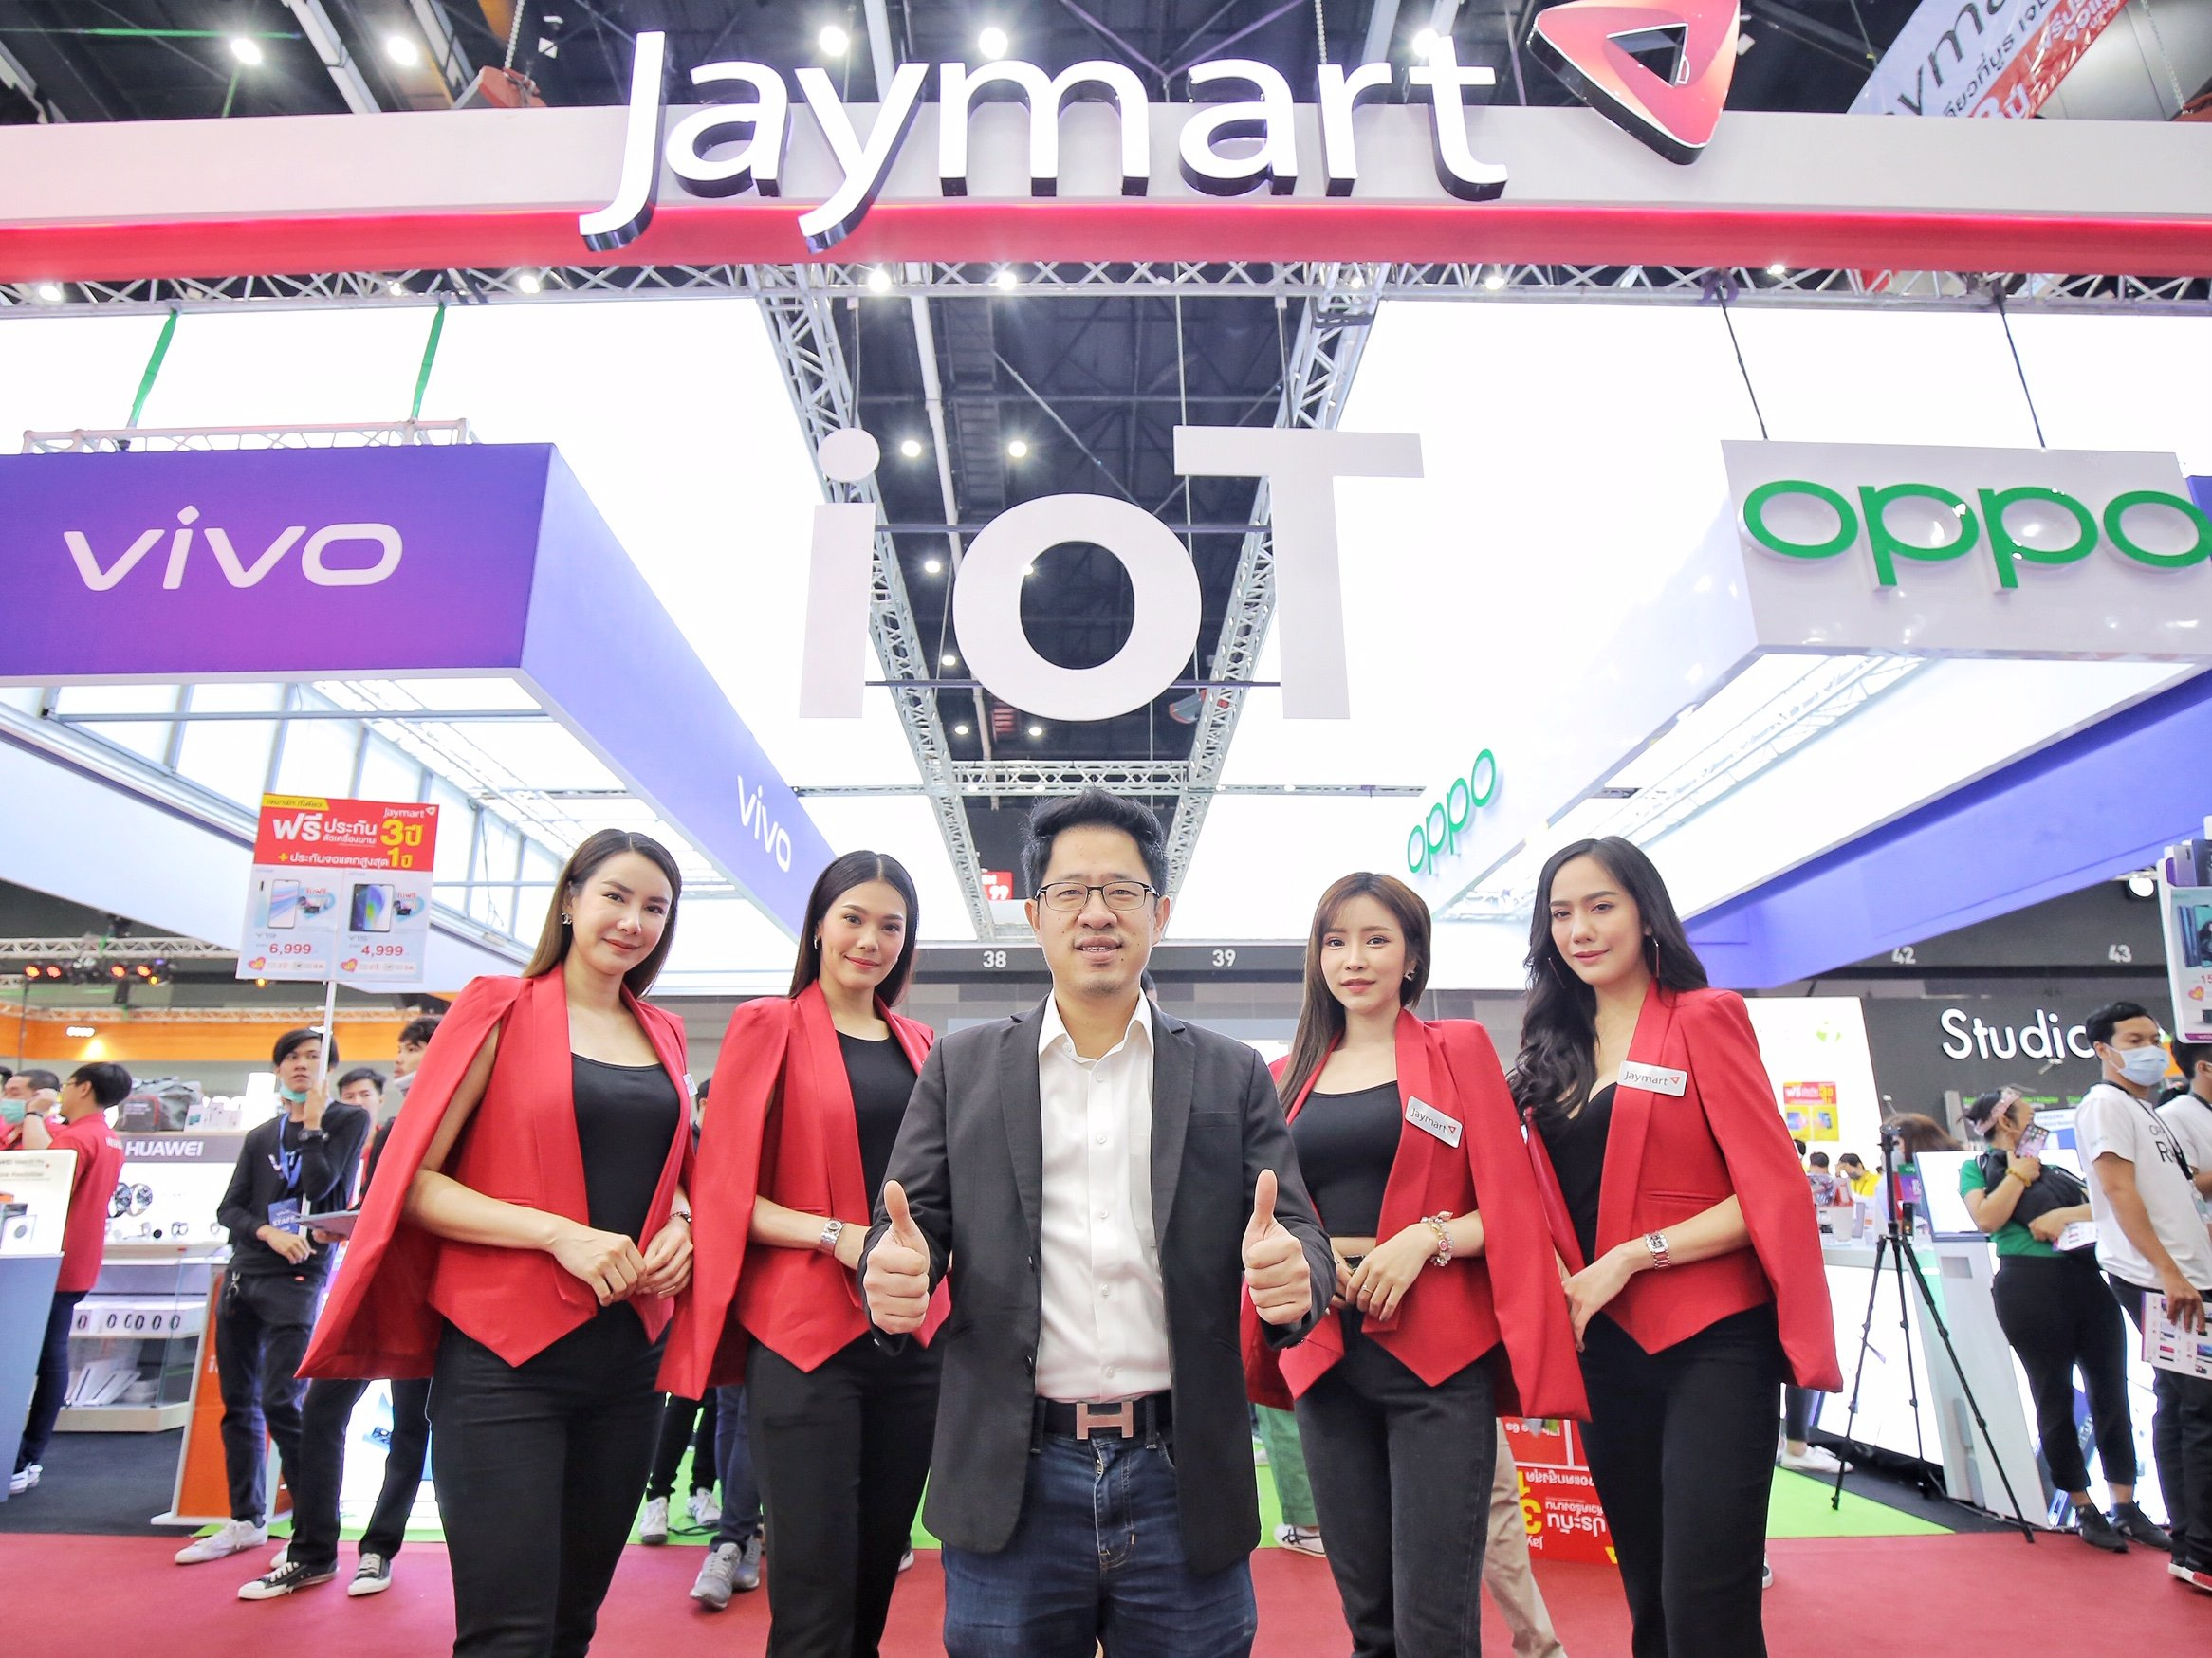 เจมาร์ท โมบาย ตอกย้ำกลยุทธ์มุ่งสู่การเป็น Gadget destination